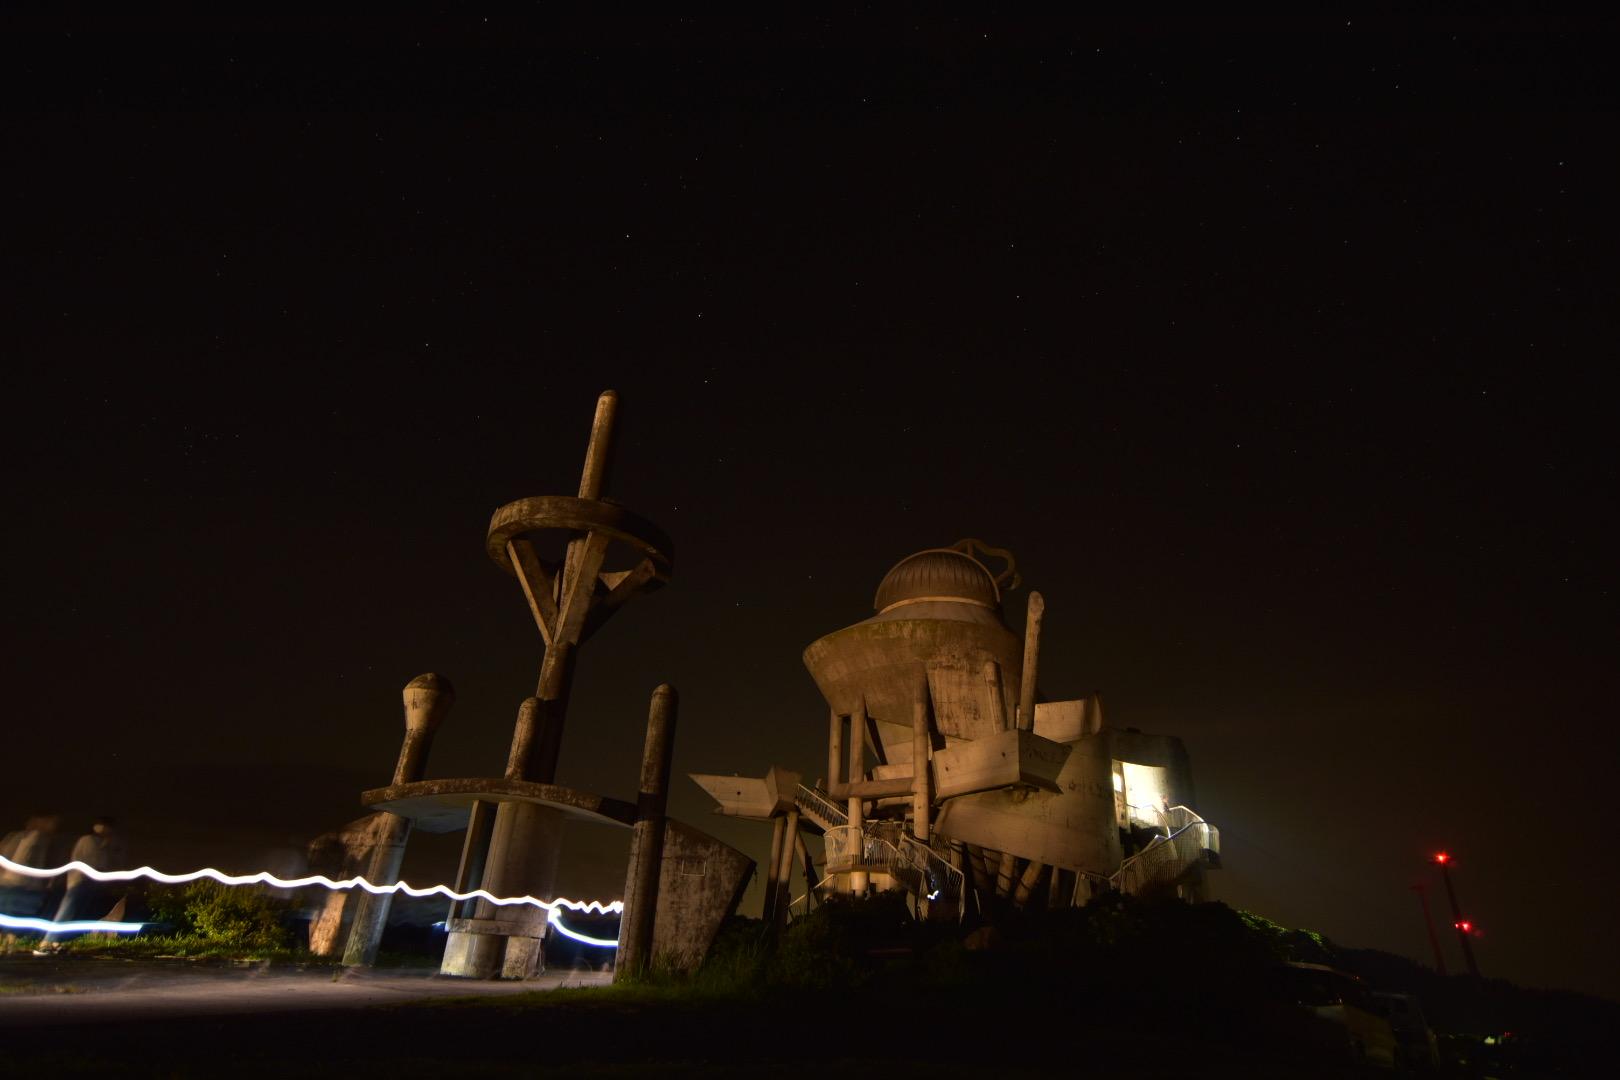 輝北うわば公園キャンプ場・輝北天球館 -大隅地区- イメージ画像